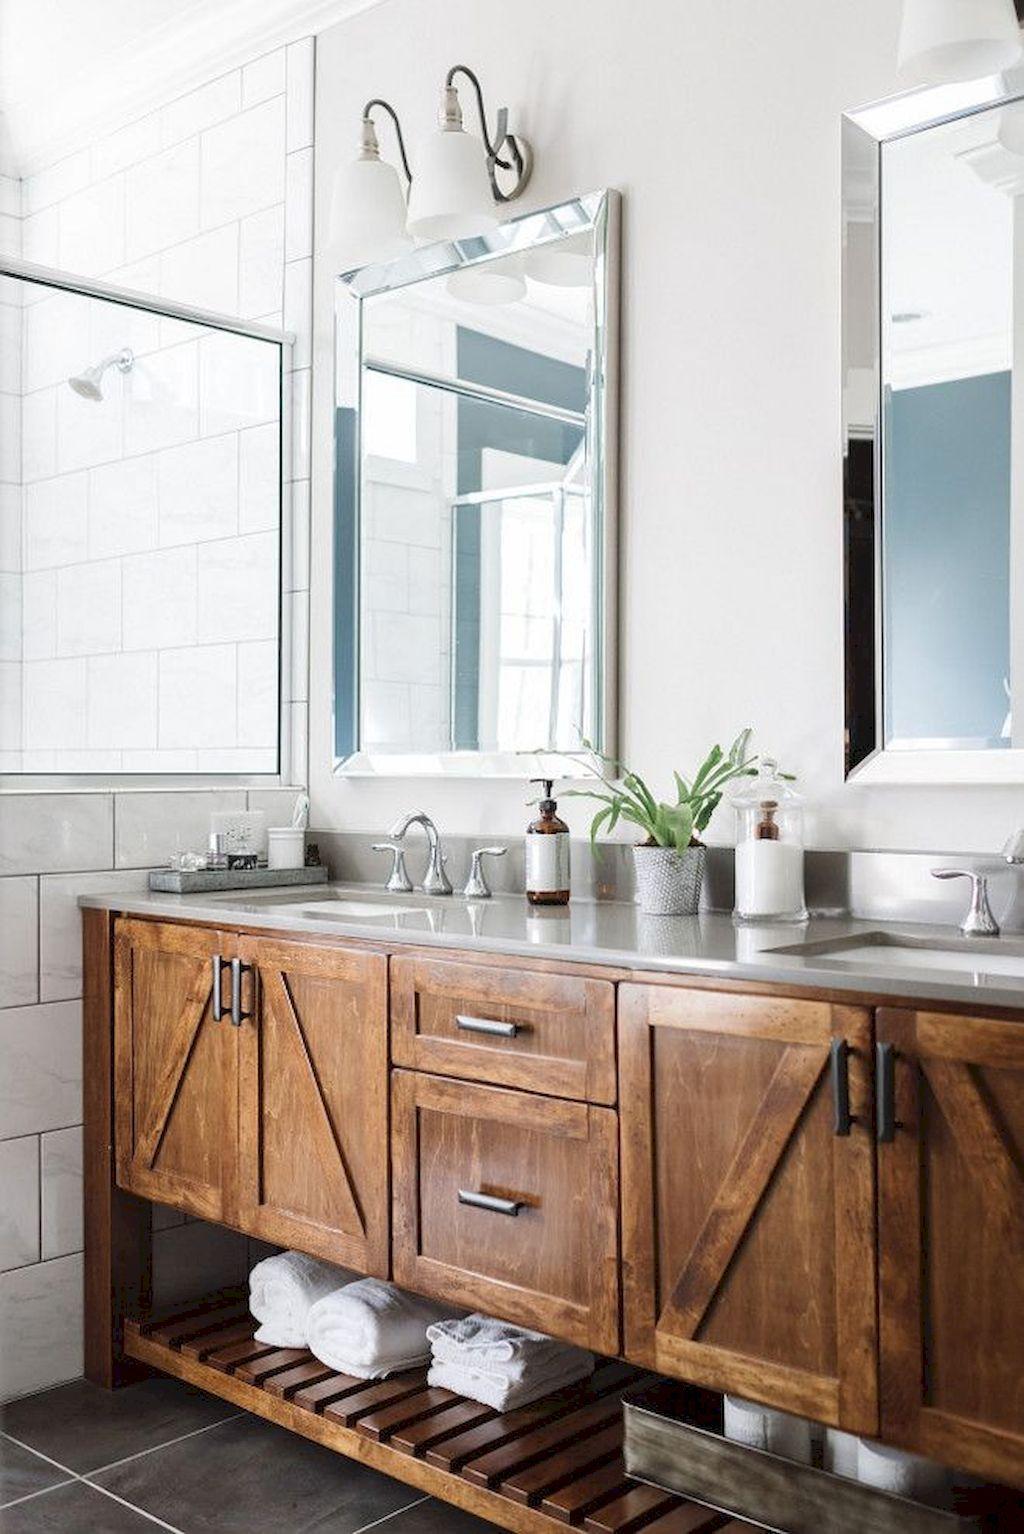 horne farmhouse ideas zachary bathroom homes fun vanity